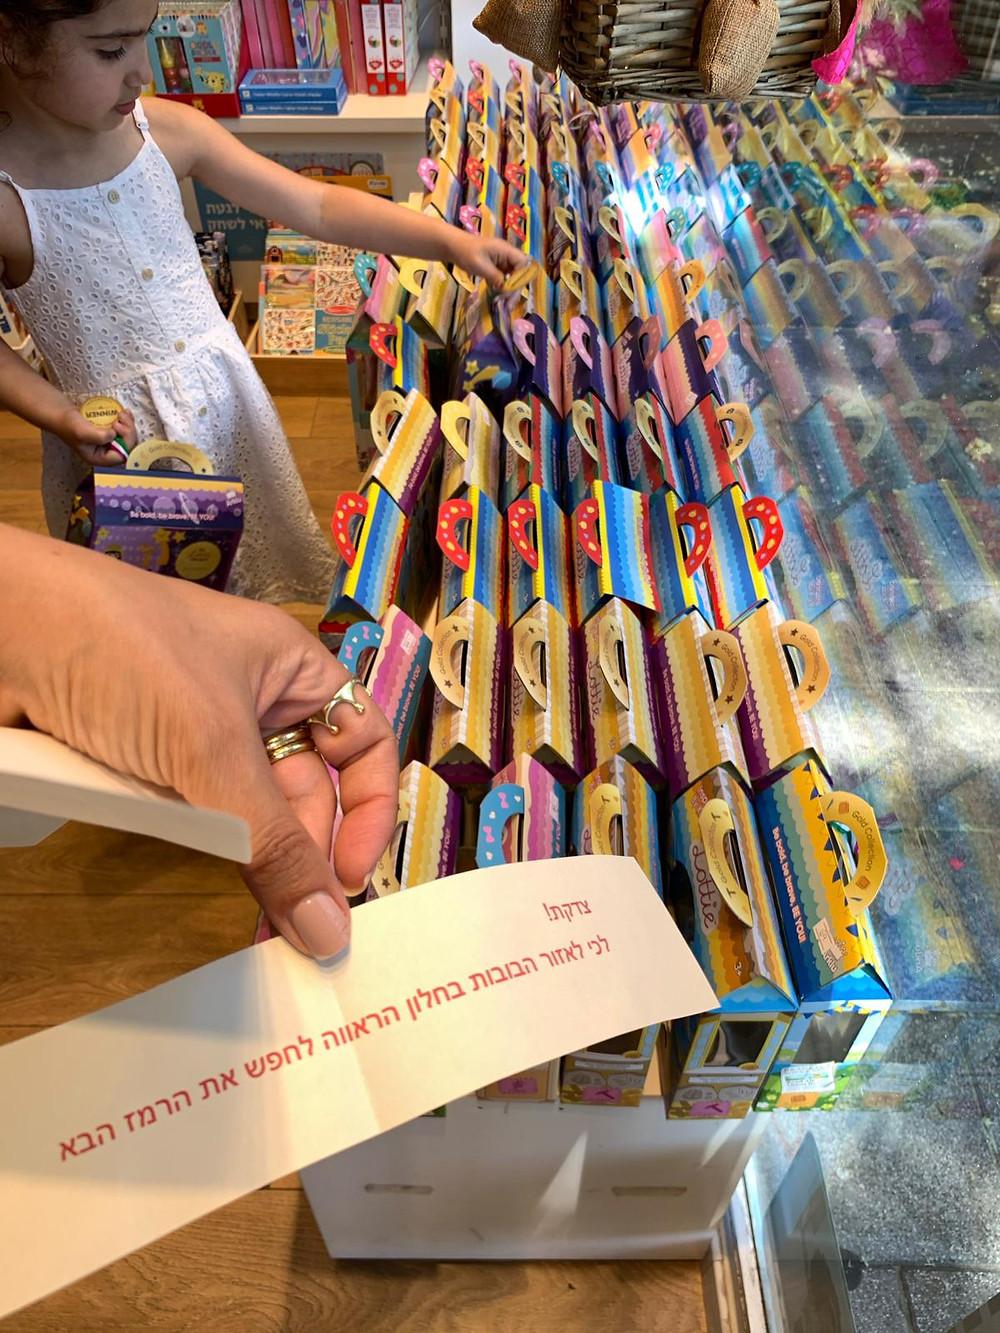 חפש את המטמון בטומי ואניקה יום הולדת בחנות צעצועים